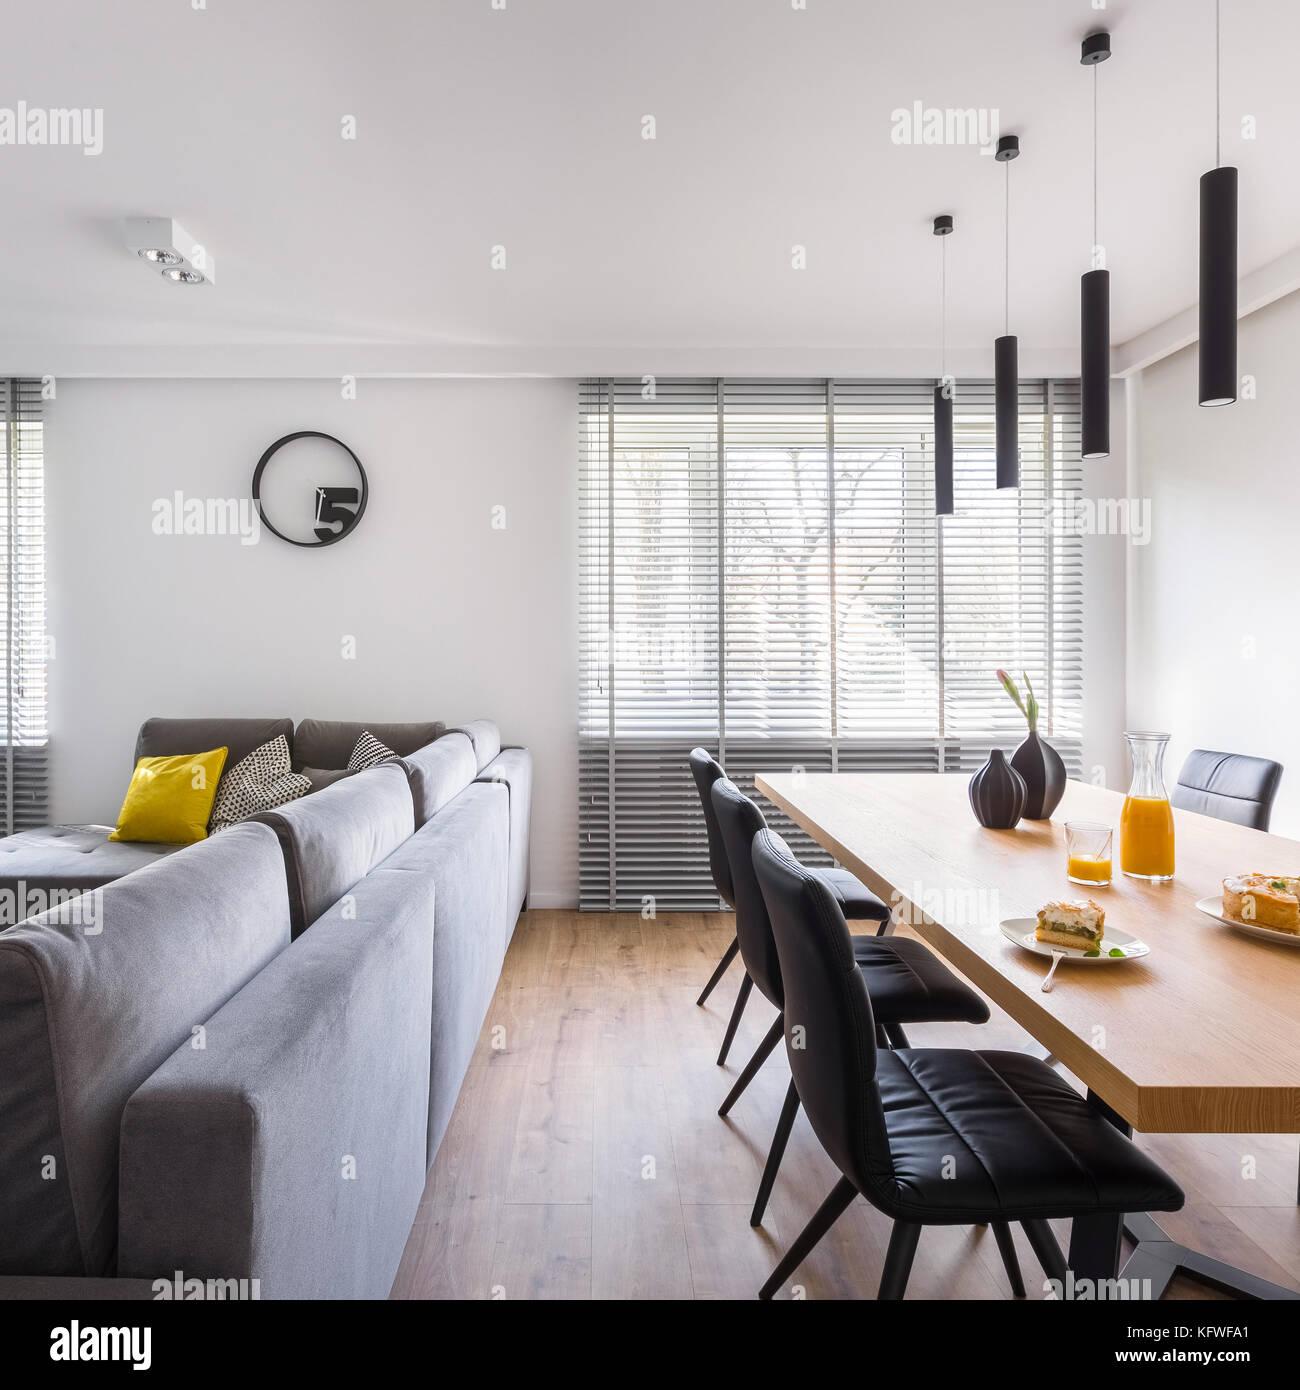 Modernes Interieur mit Gemeinschaftstisch, schwarze Stühle und ...